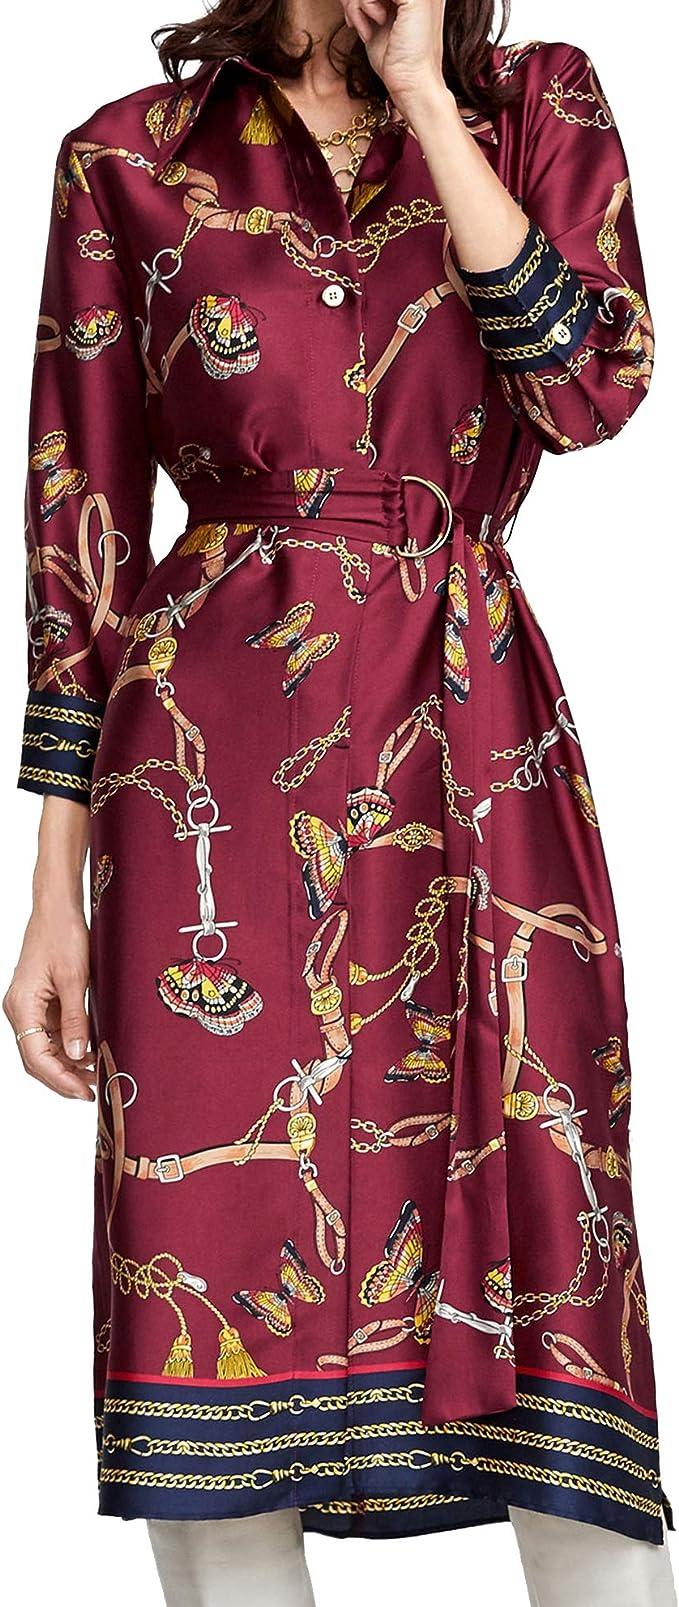 Zara Mujer Vestido Camisa con Estampado Cadenas 8127/147 ...